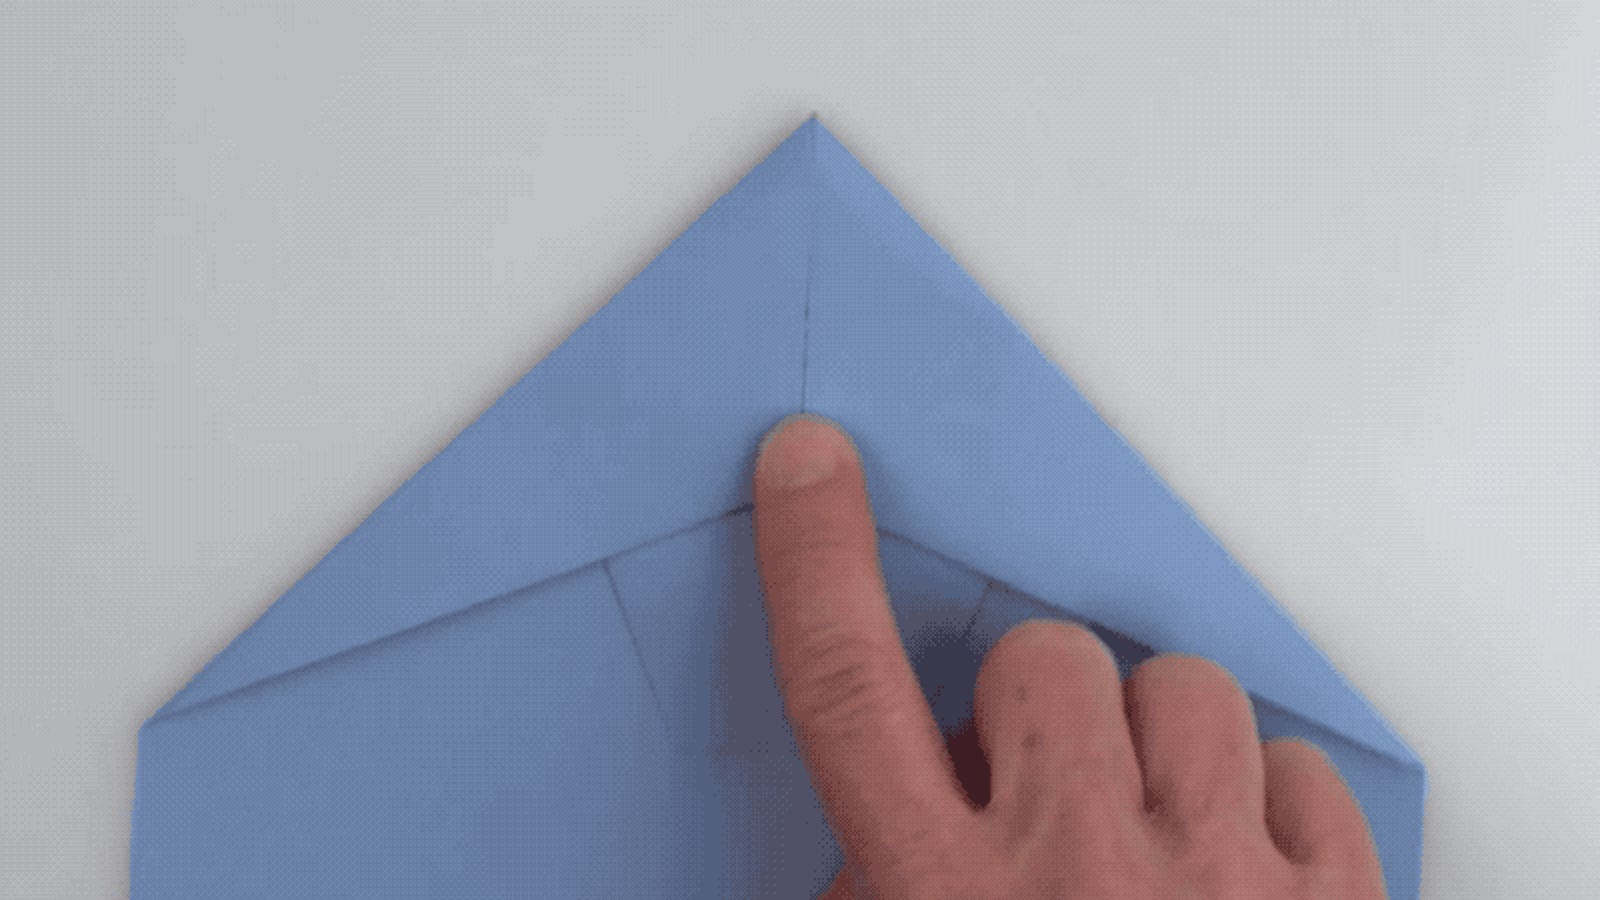 Cómo hacer el avión de papel perfecto, según el campeón mundial de distancia con aviones de papel